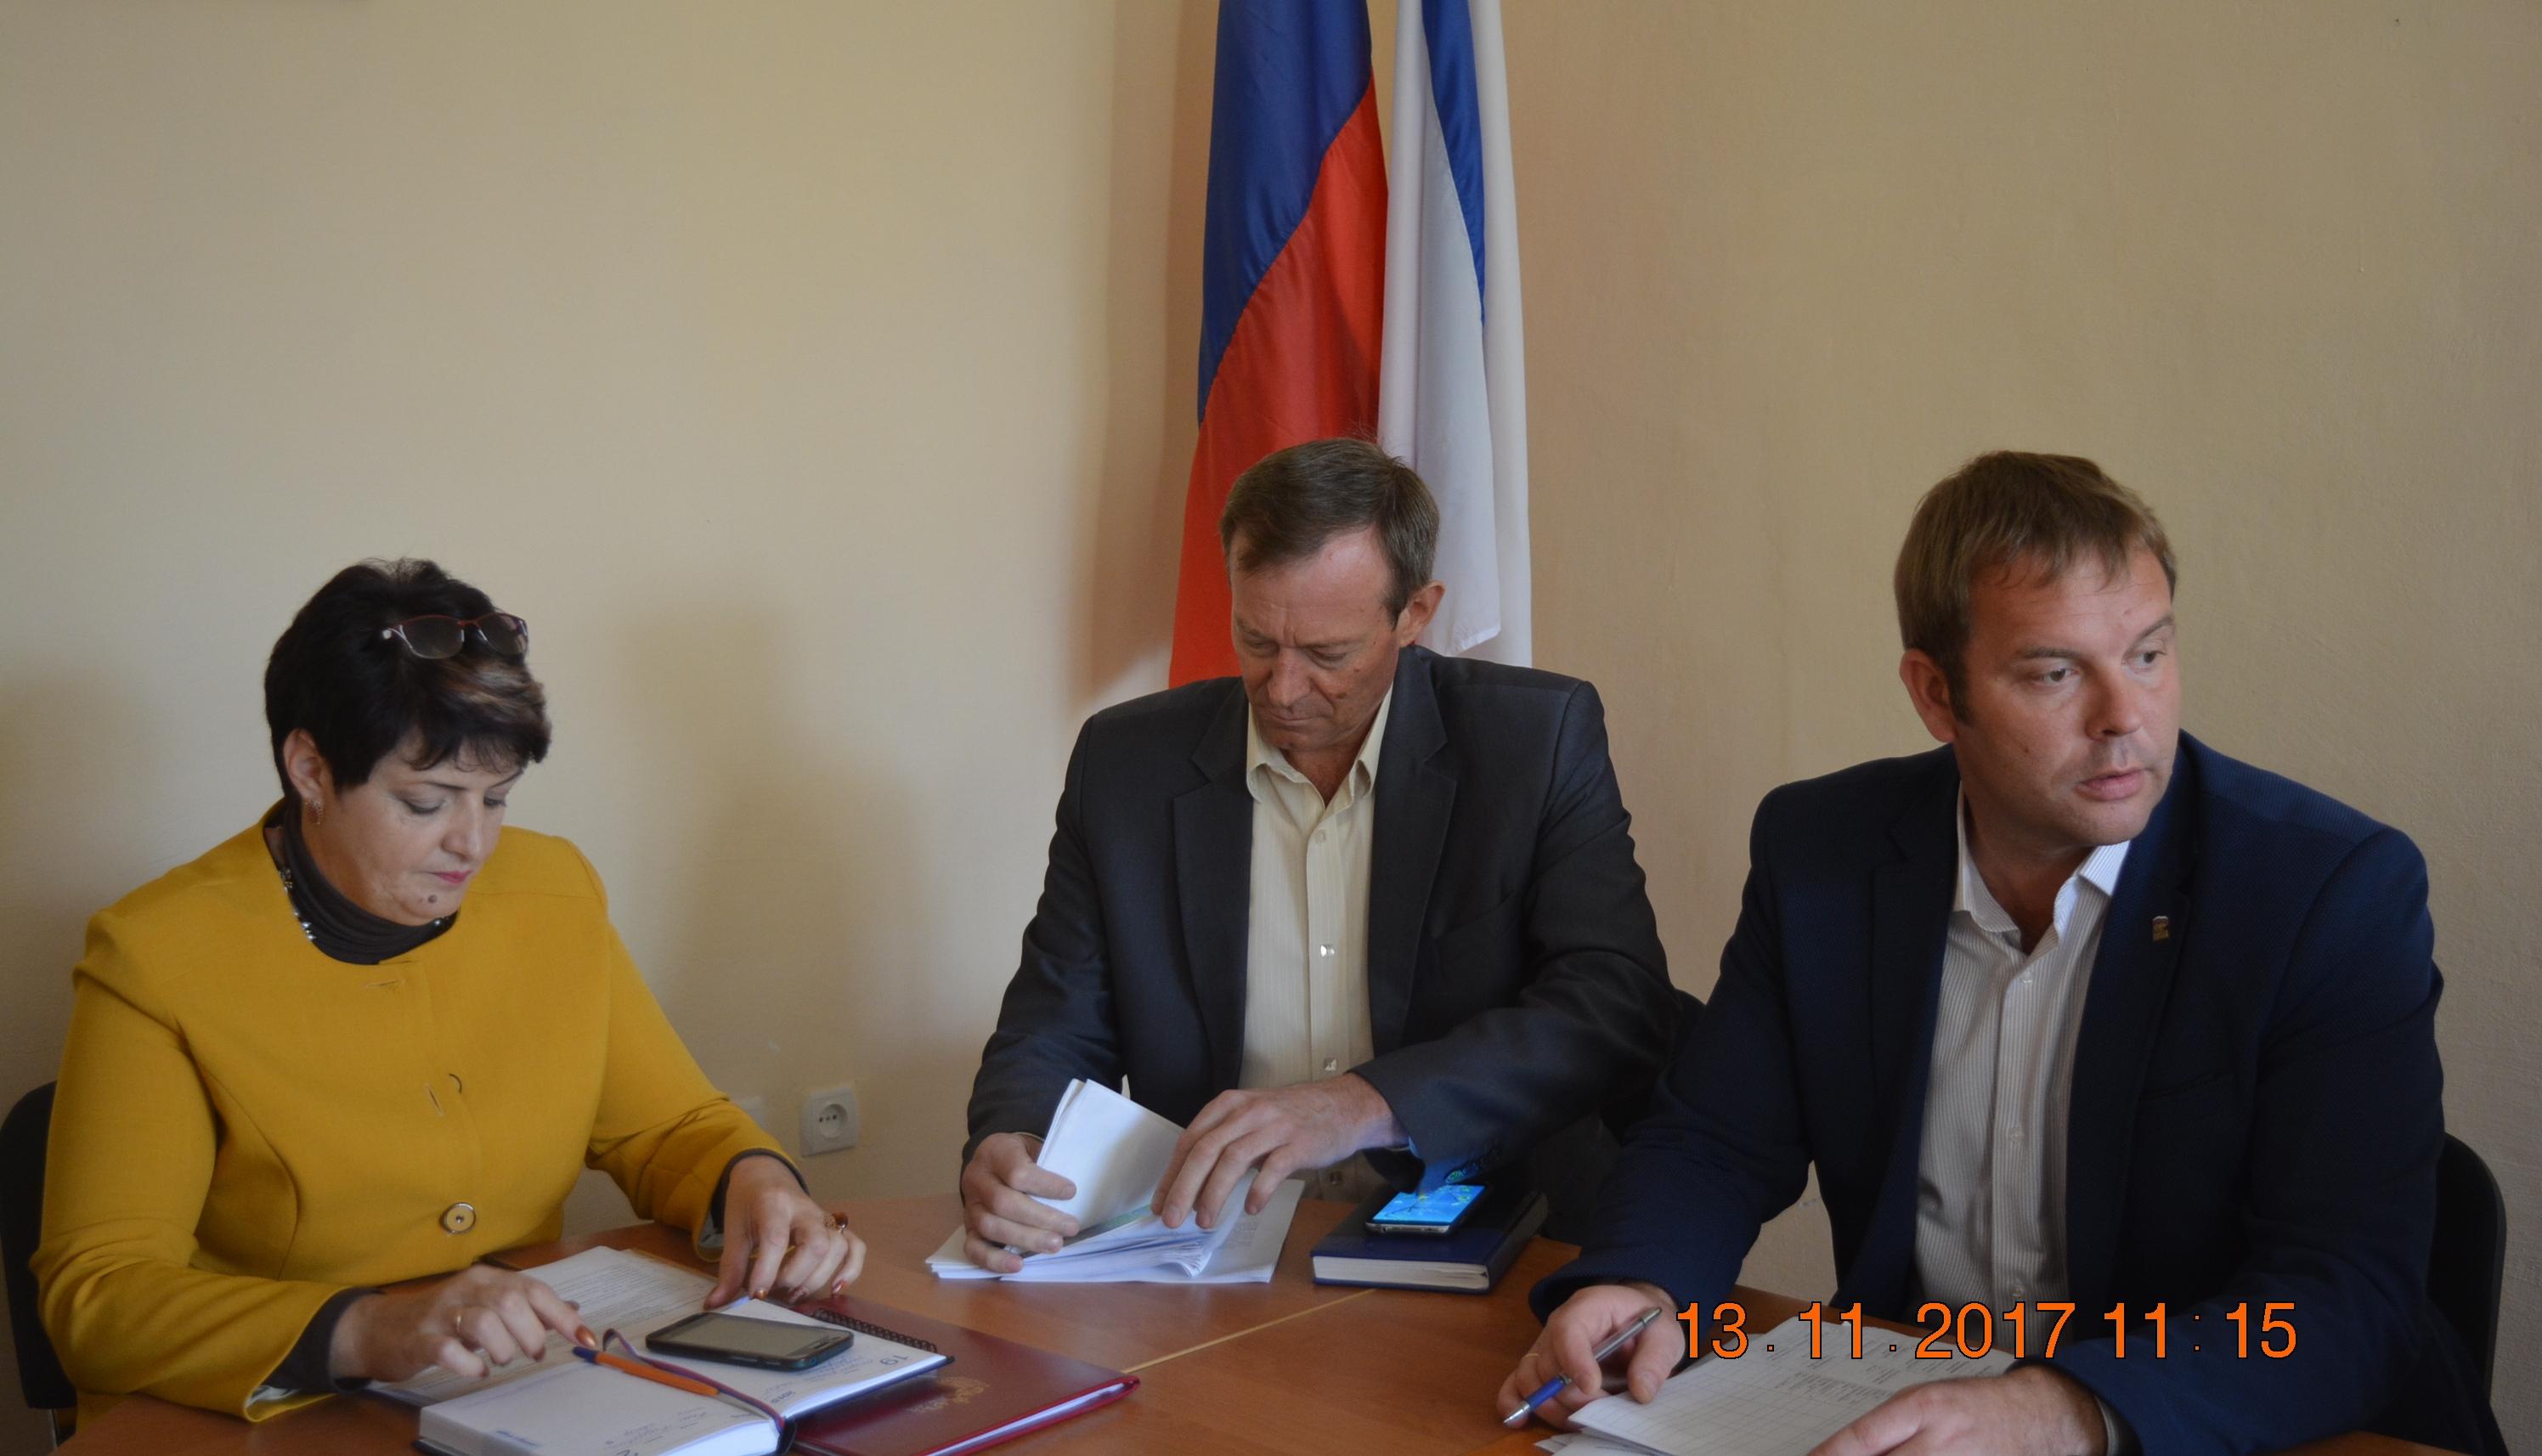 Елена Янчукова провела рабочее совещание по вопросу передачи объектов водоснабжения и водоотведения района в государственную собственность